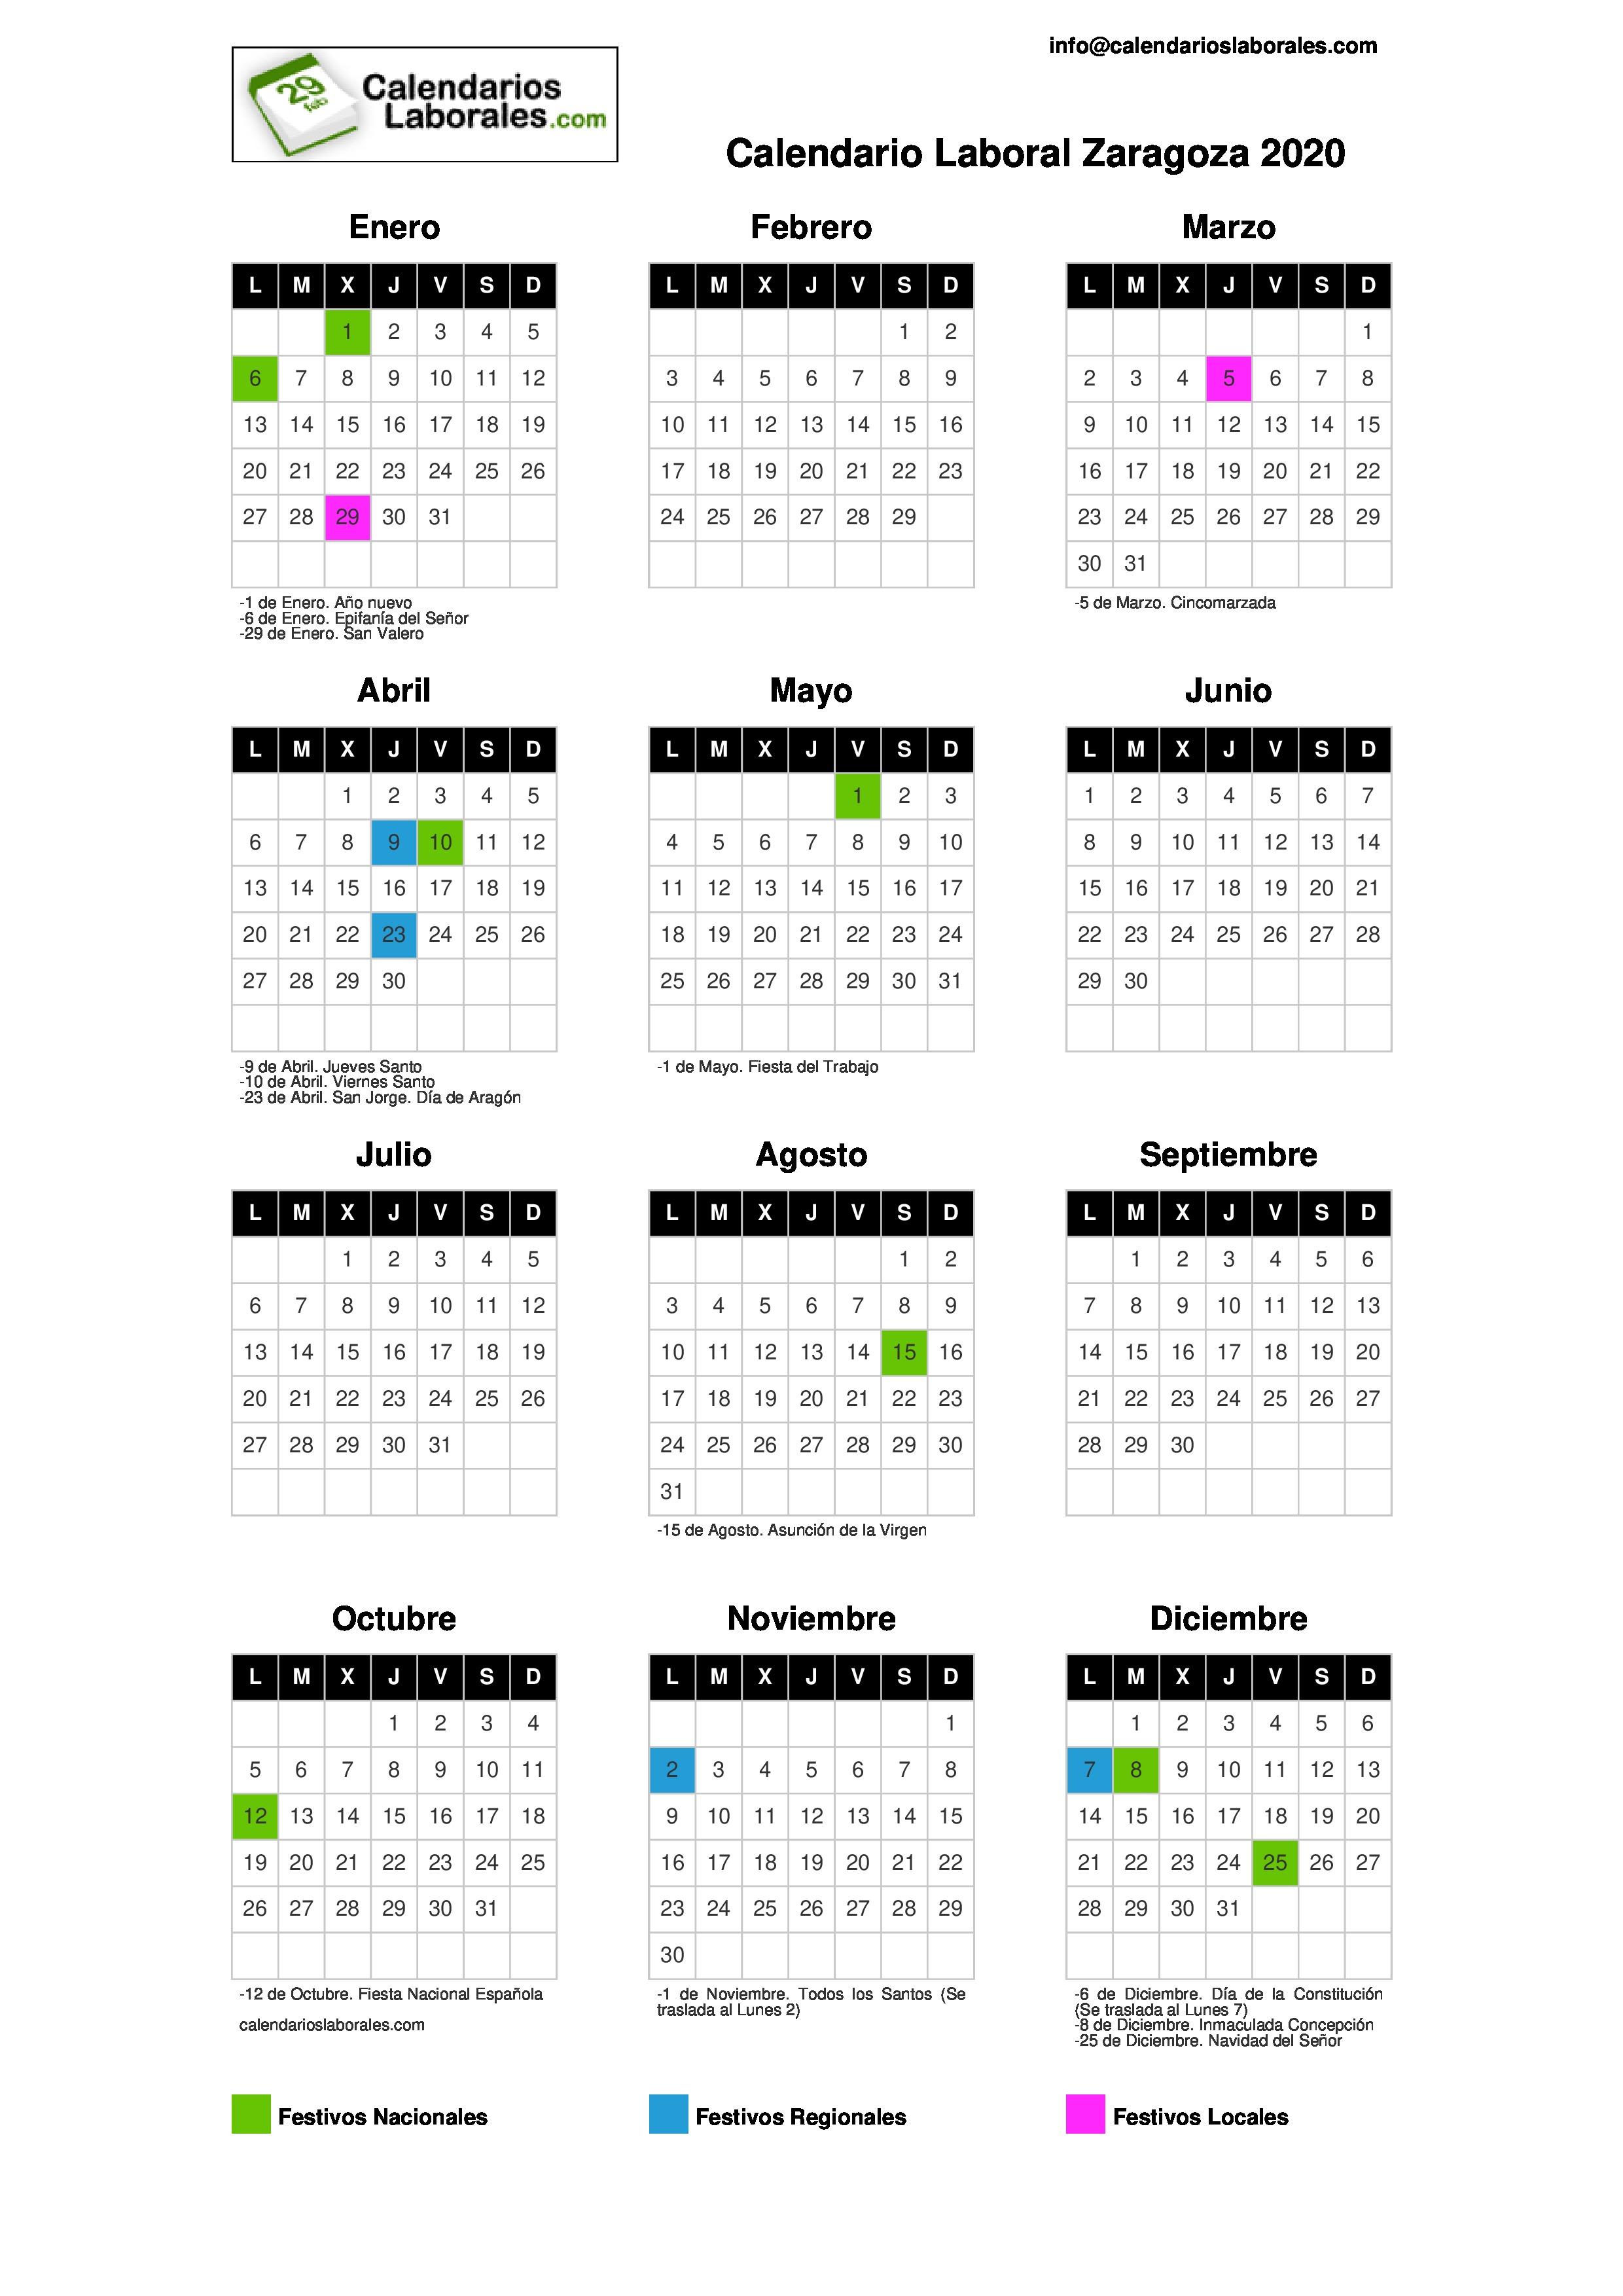 Calendario Zaragozano 2020.Calendario Laboral Zaragoza 2020